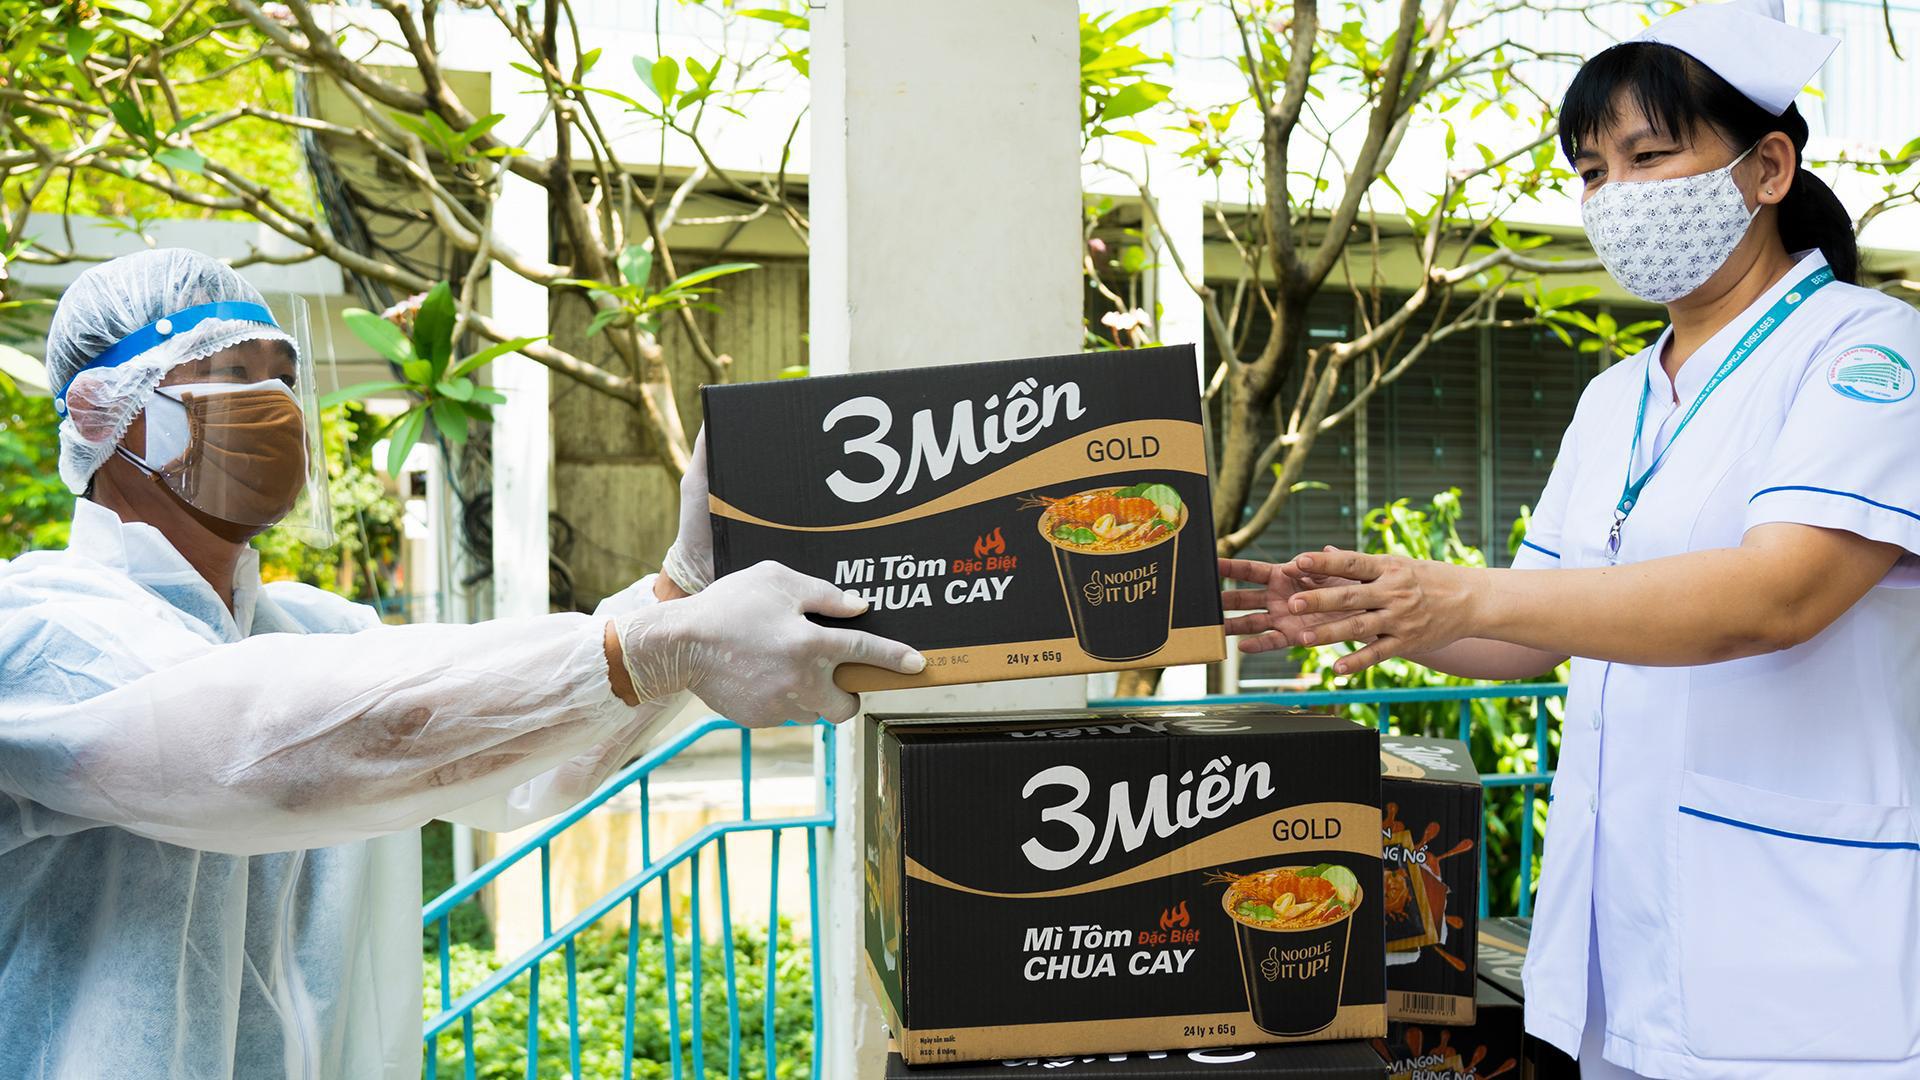 Uniben trao tặng 150.000 bữa ăn dinh dưỡng từ Mì 3 Miền và Nước trái cây Joco cho đội ngũ y bác sĩ các bệnh viện tuyến đầu - Ảnh 9.